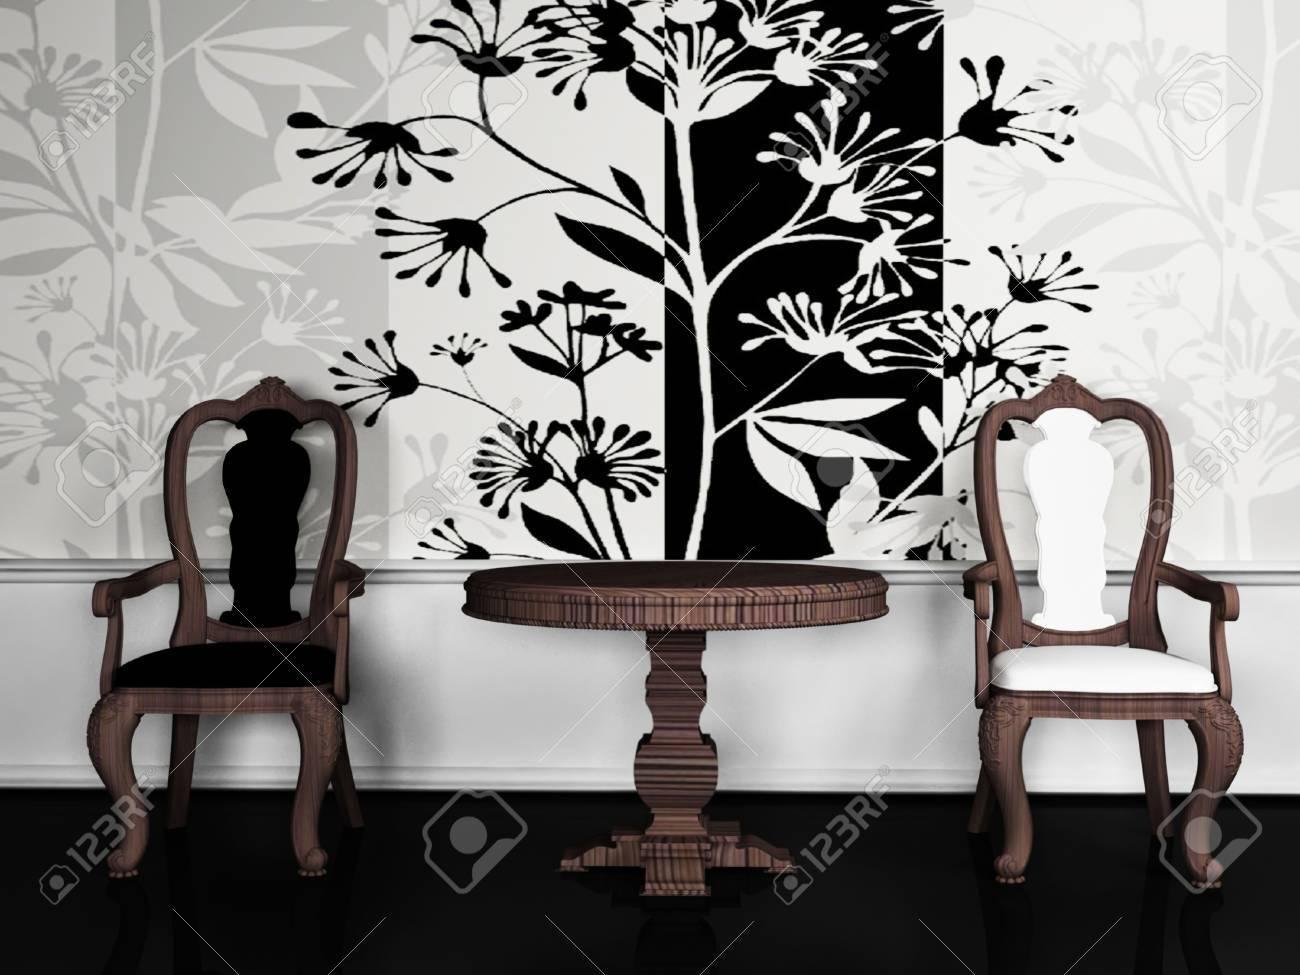 Twee Klassieke Fauteuils.Interieur Design Scene Met Twee Klassieke Fauteuil Op De Mooie